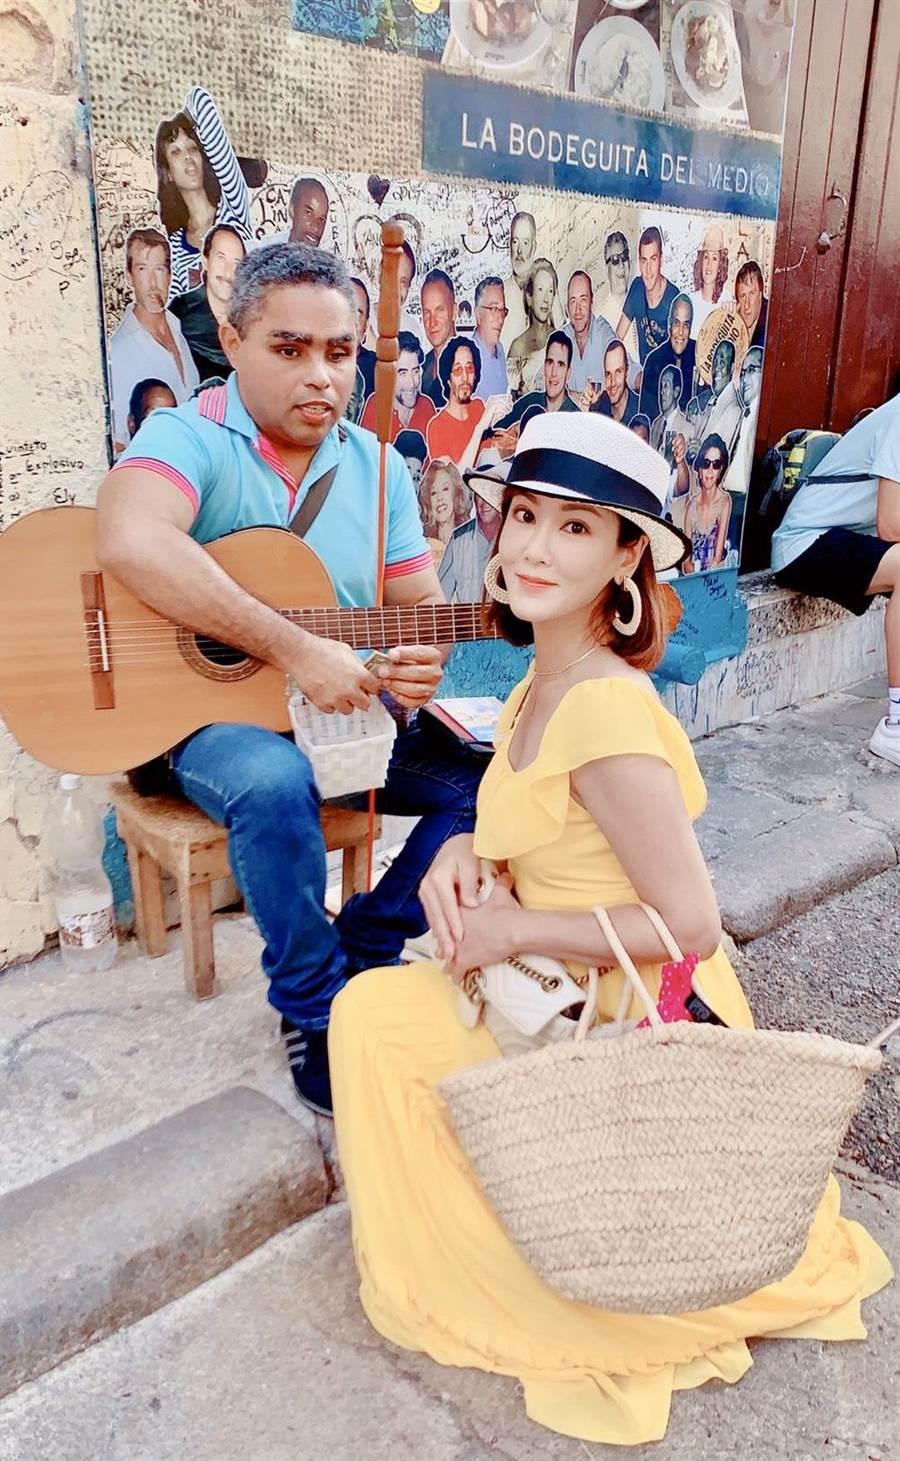 邱琦雯熱情地邀古巴街頭藝人合照。(艾迪昇傳播提供)